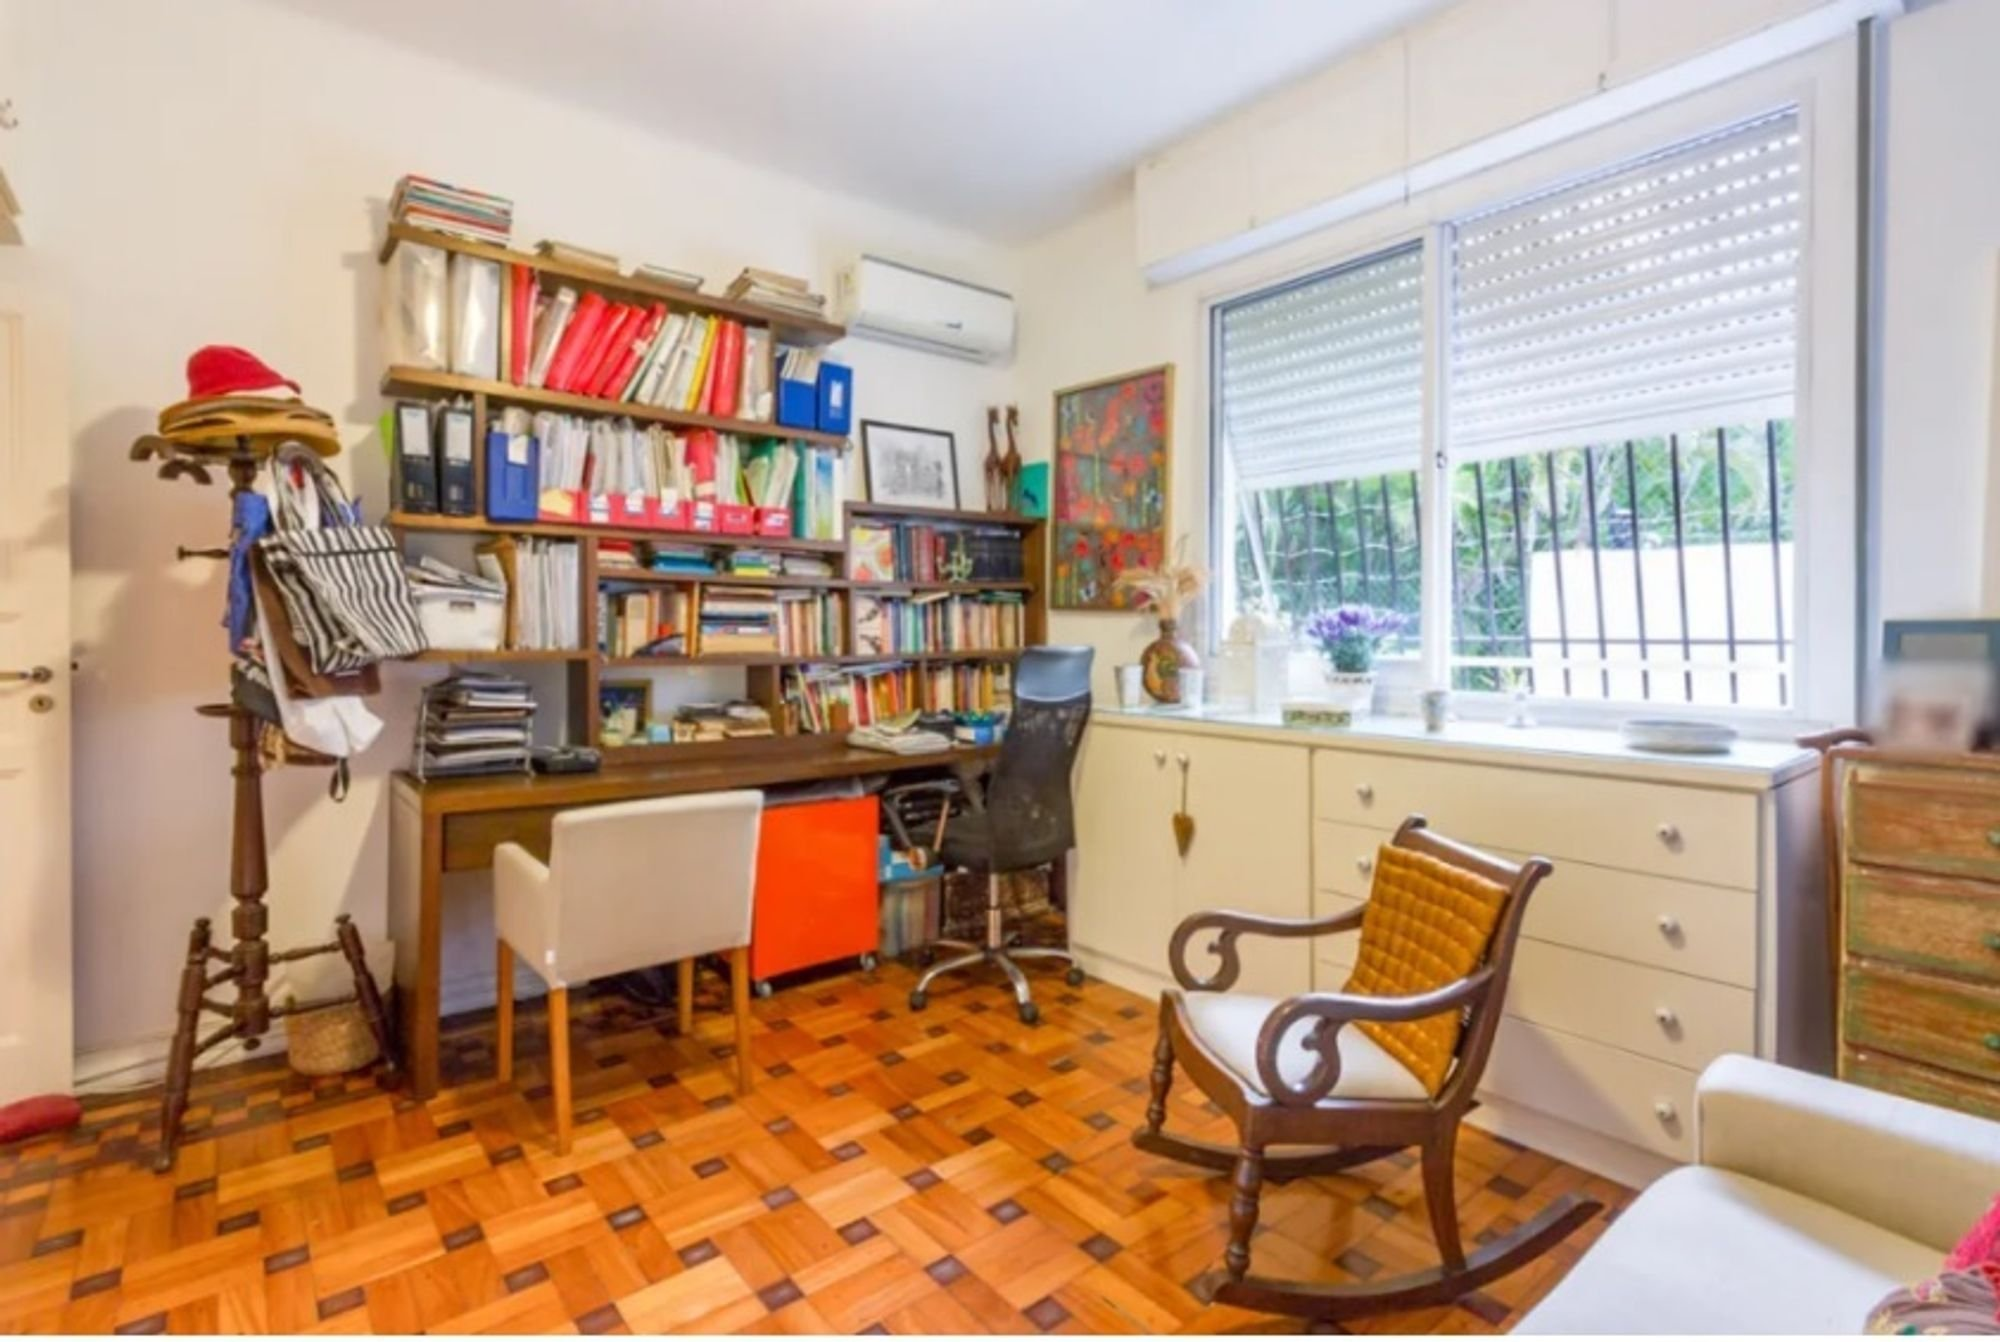 Foto de Sala com mouse, cadeira, livro